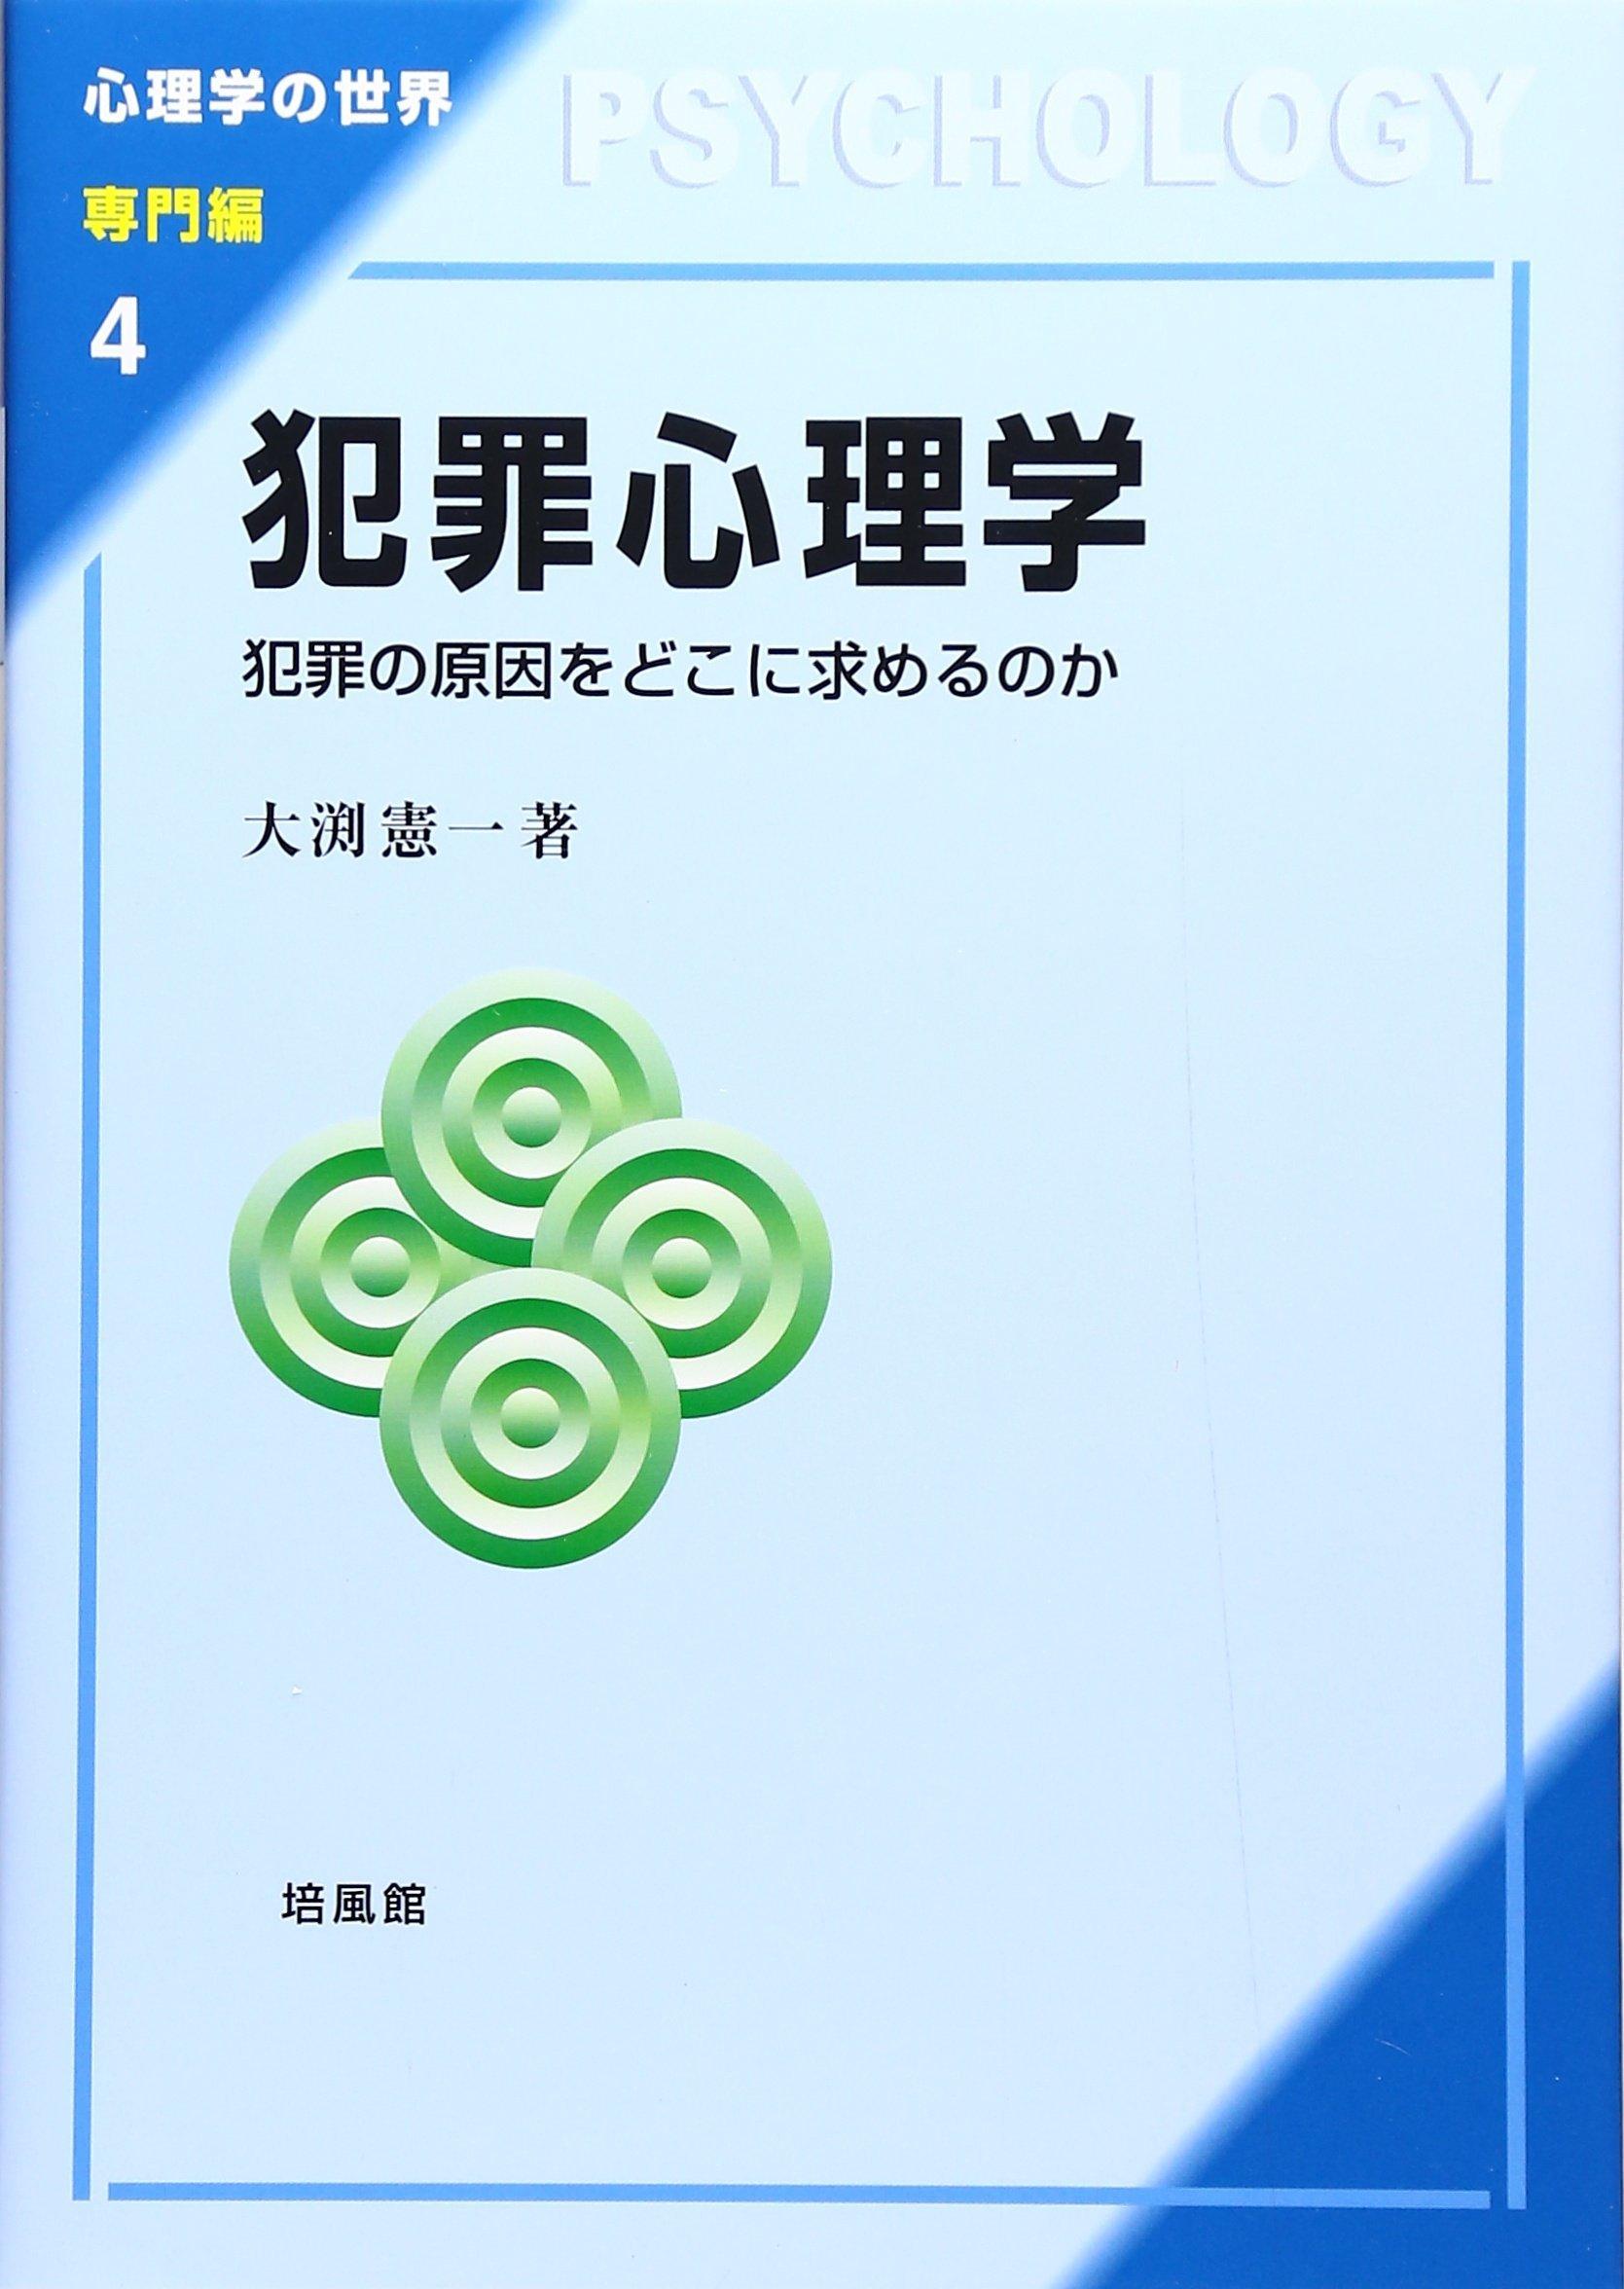 Hanzai shinrigaku : Hanzai no gen'in o dokoni motomerunoka PDF